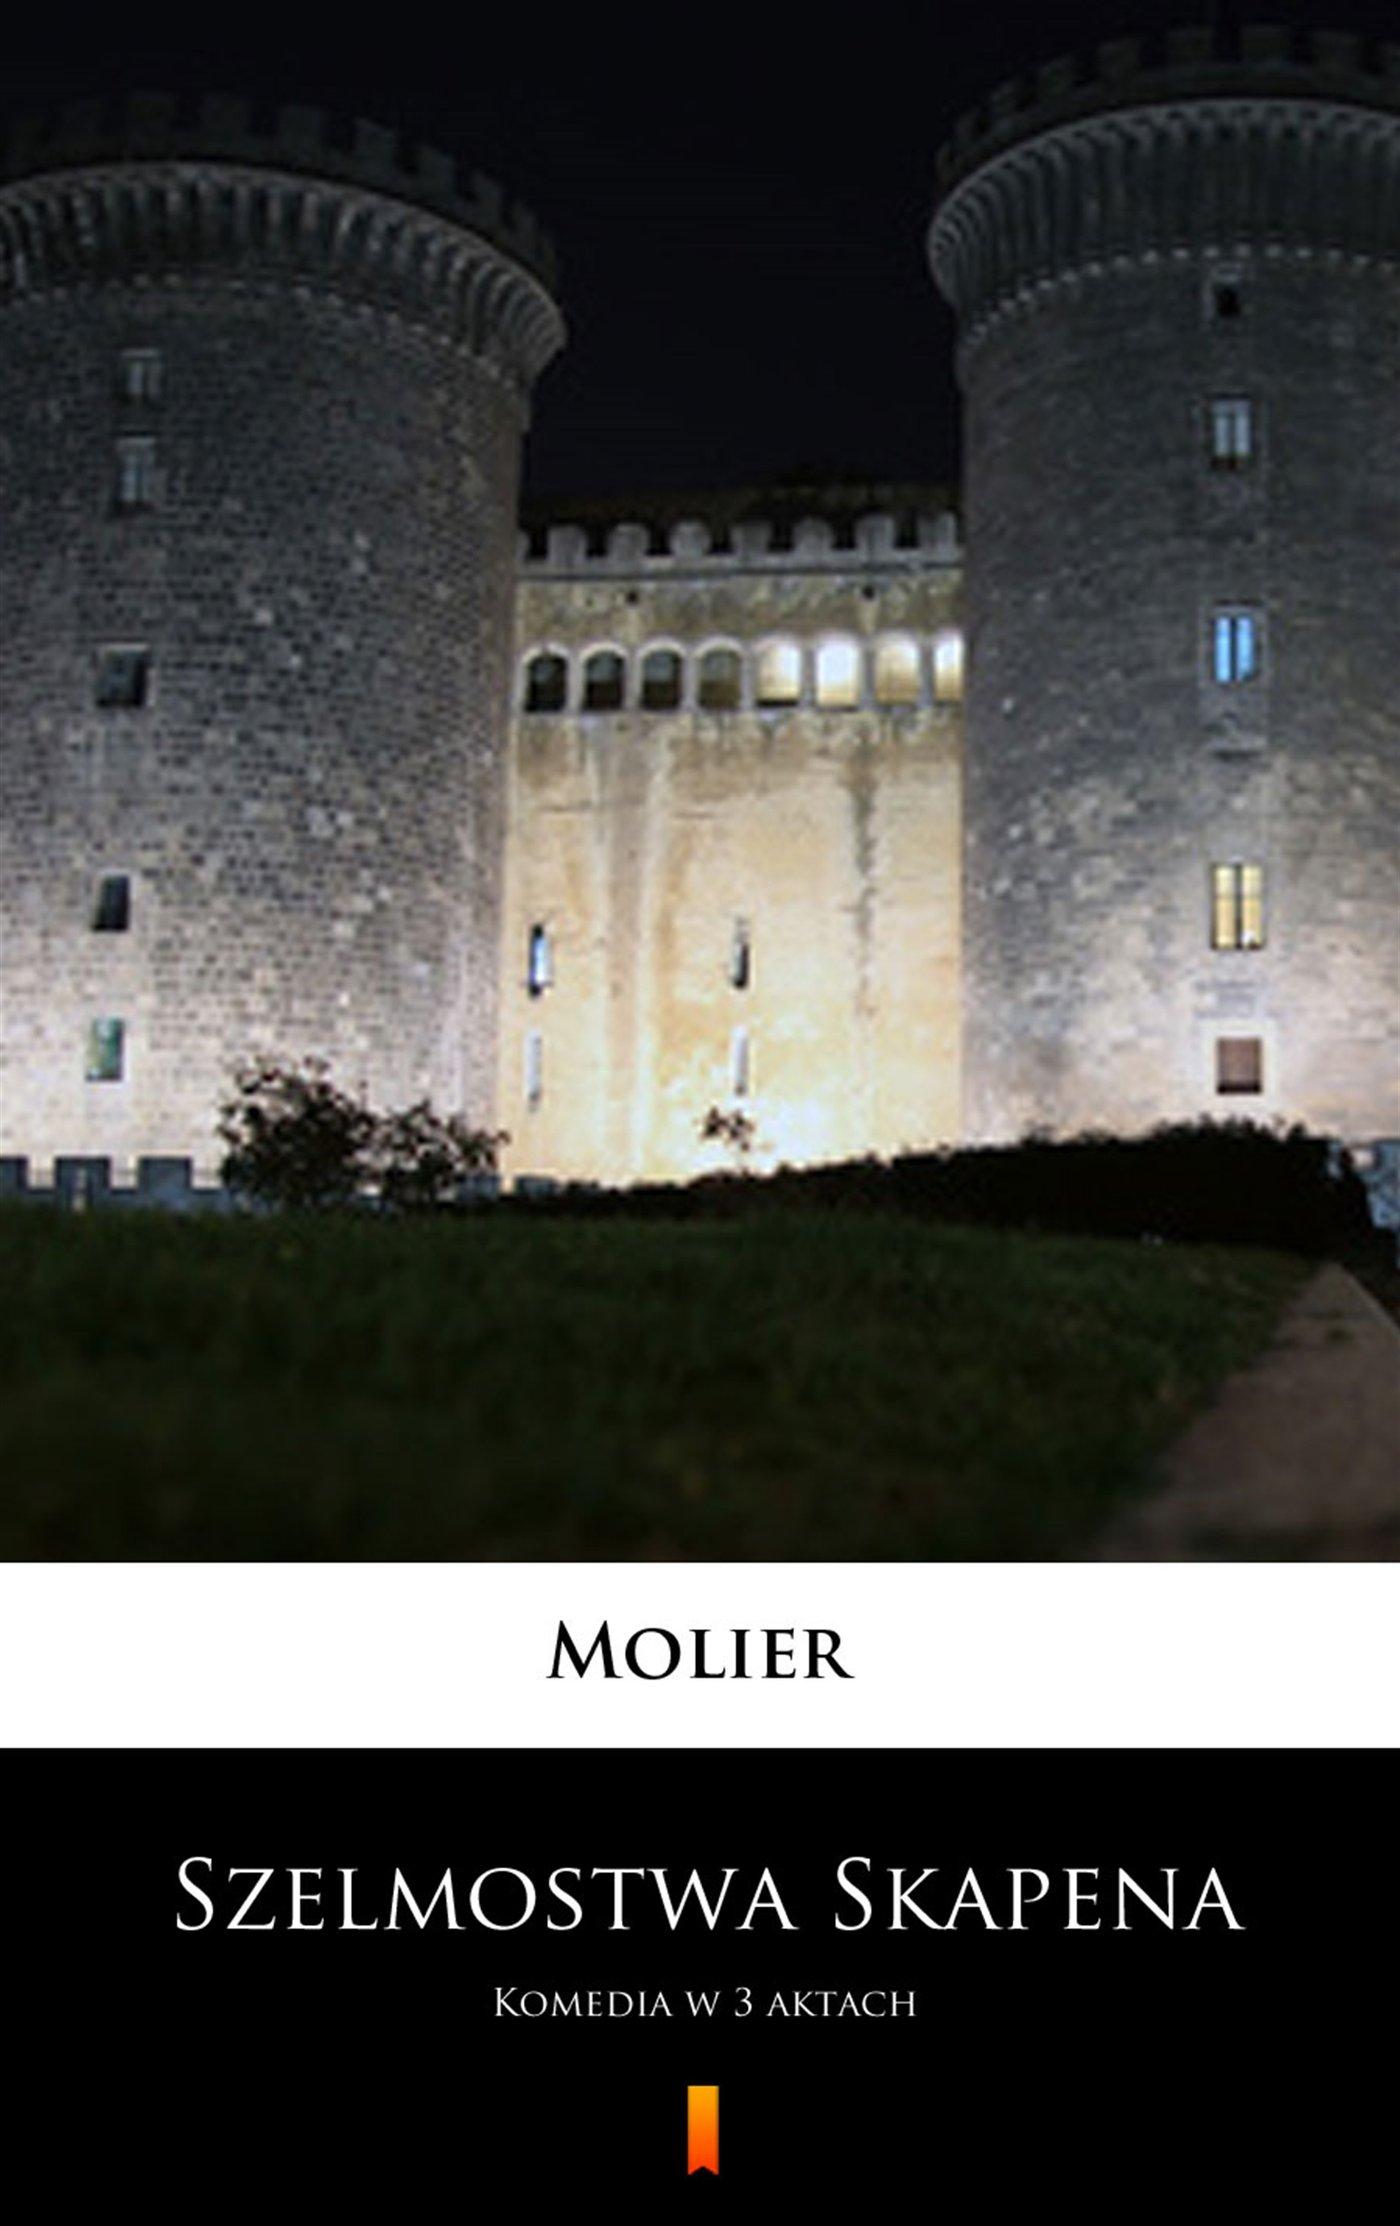 Szelmostwa Skapena - Ebook (Książka na Kindle) do pobrania w formacie MOBI